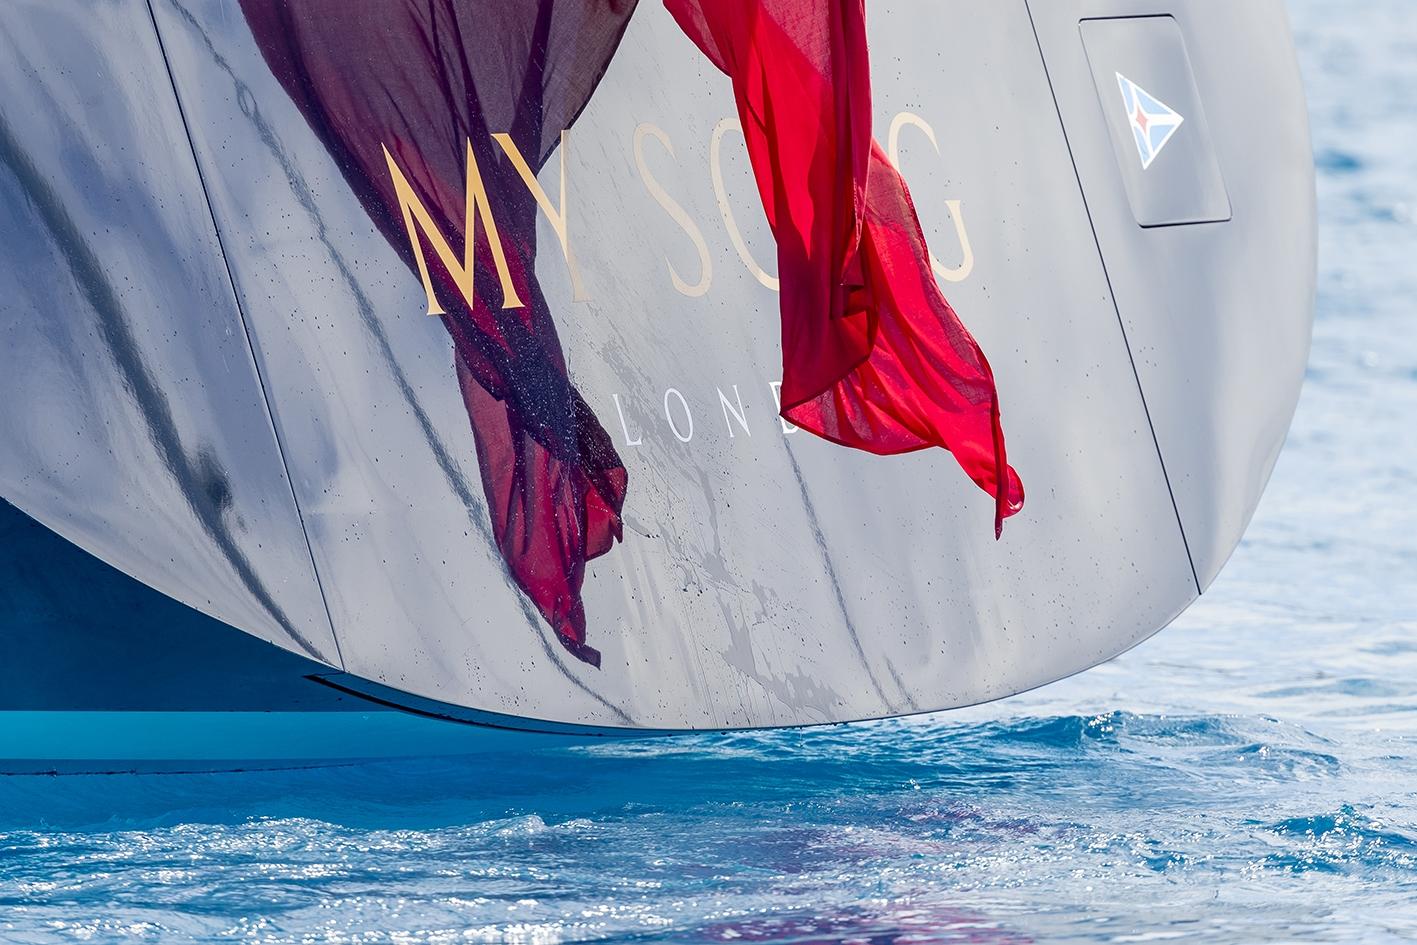 loro-piana-sail-into-summer_-my-song-boat-1